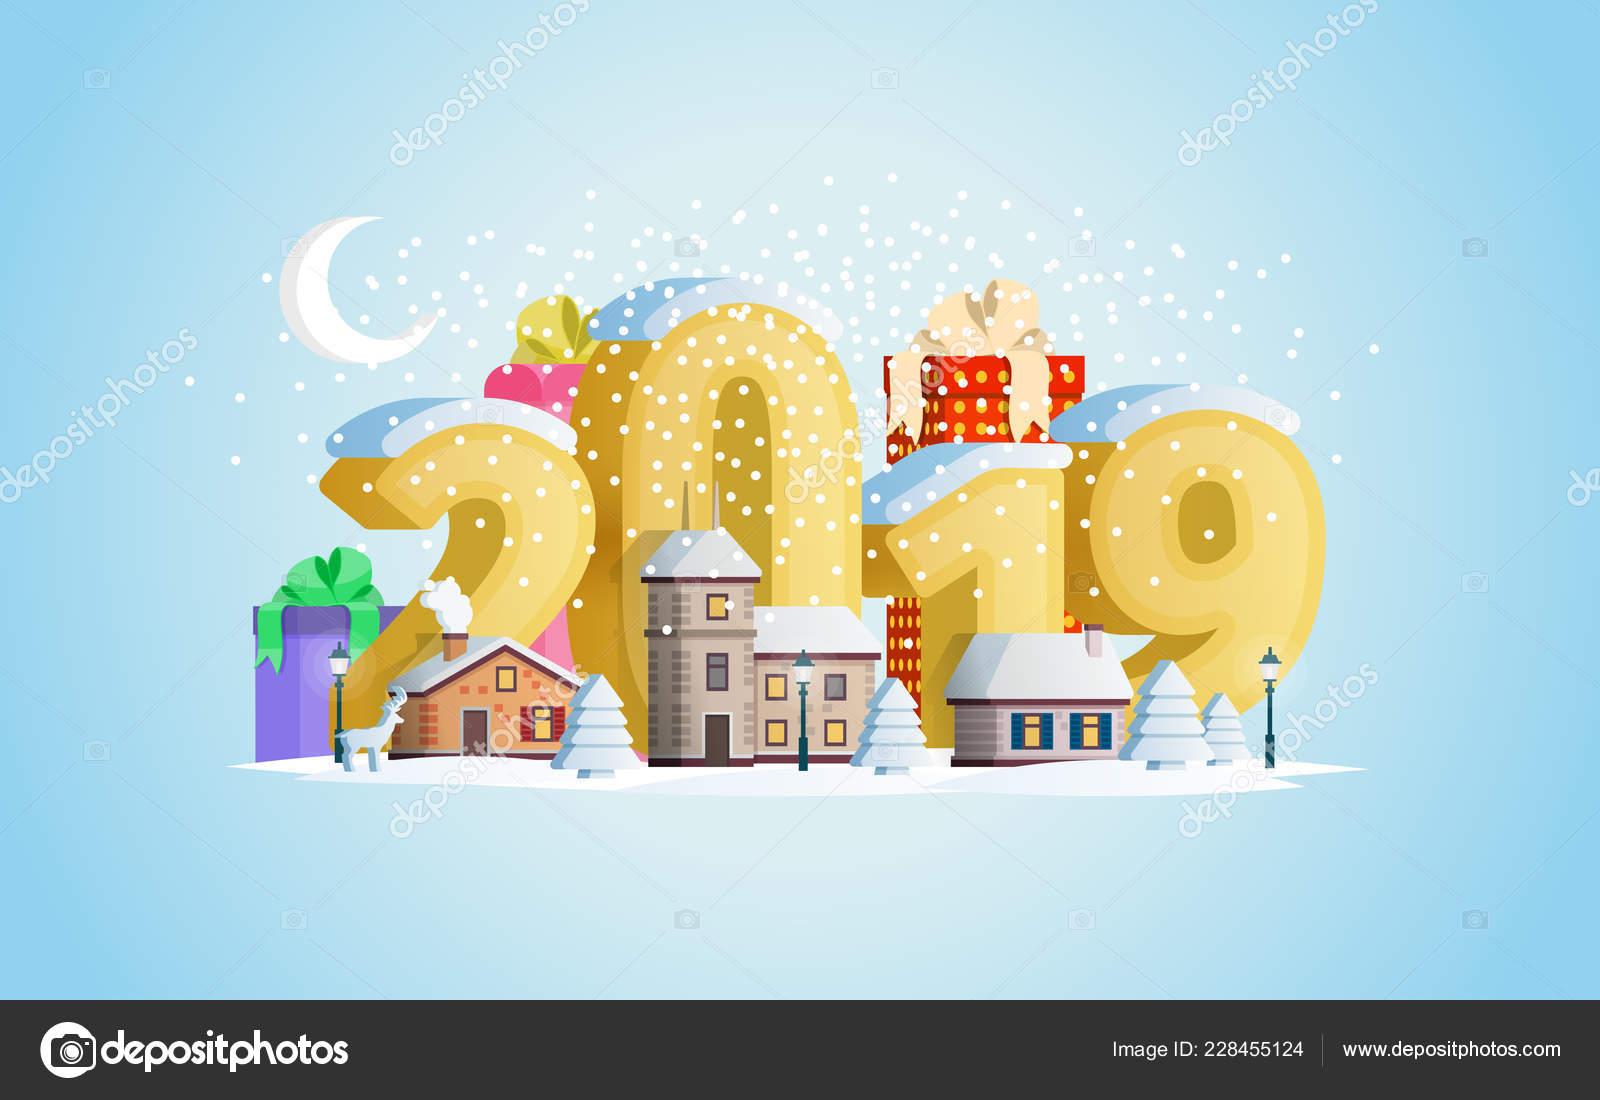 Winterurlaub Weihnachten 2019.Neue Jahr 2019 Grußkarte Eine Kleine Stadt Bergen Der Winterurlaub